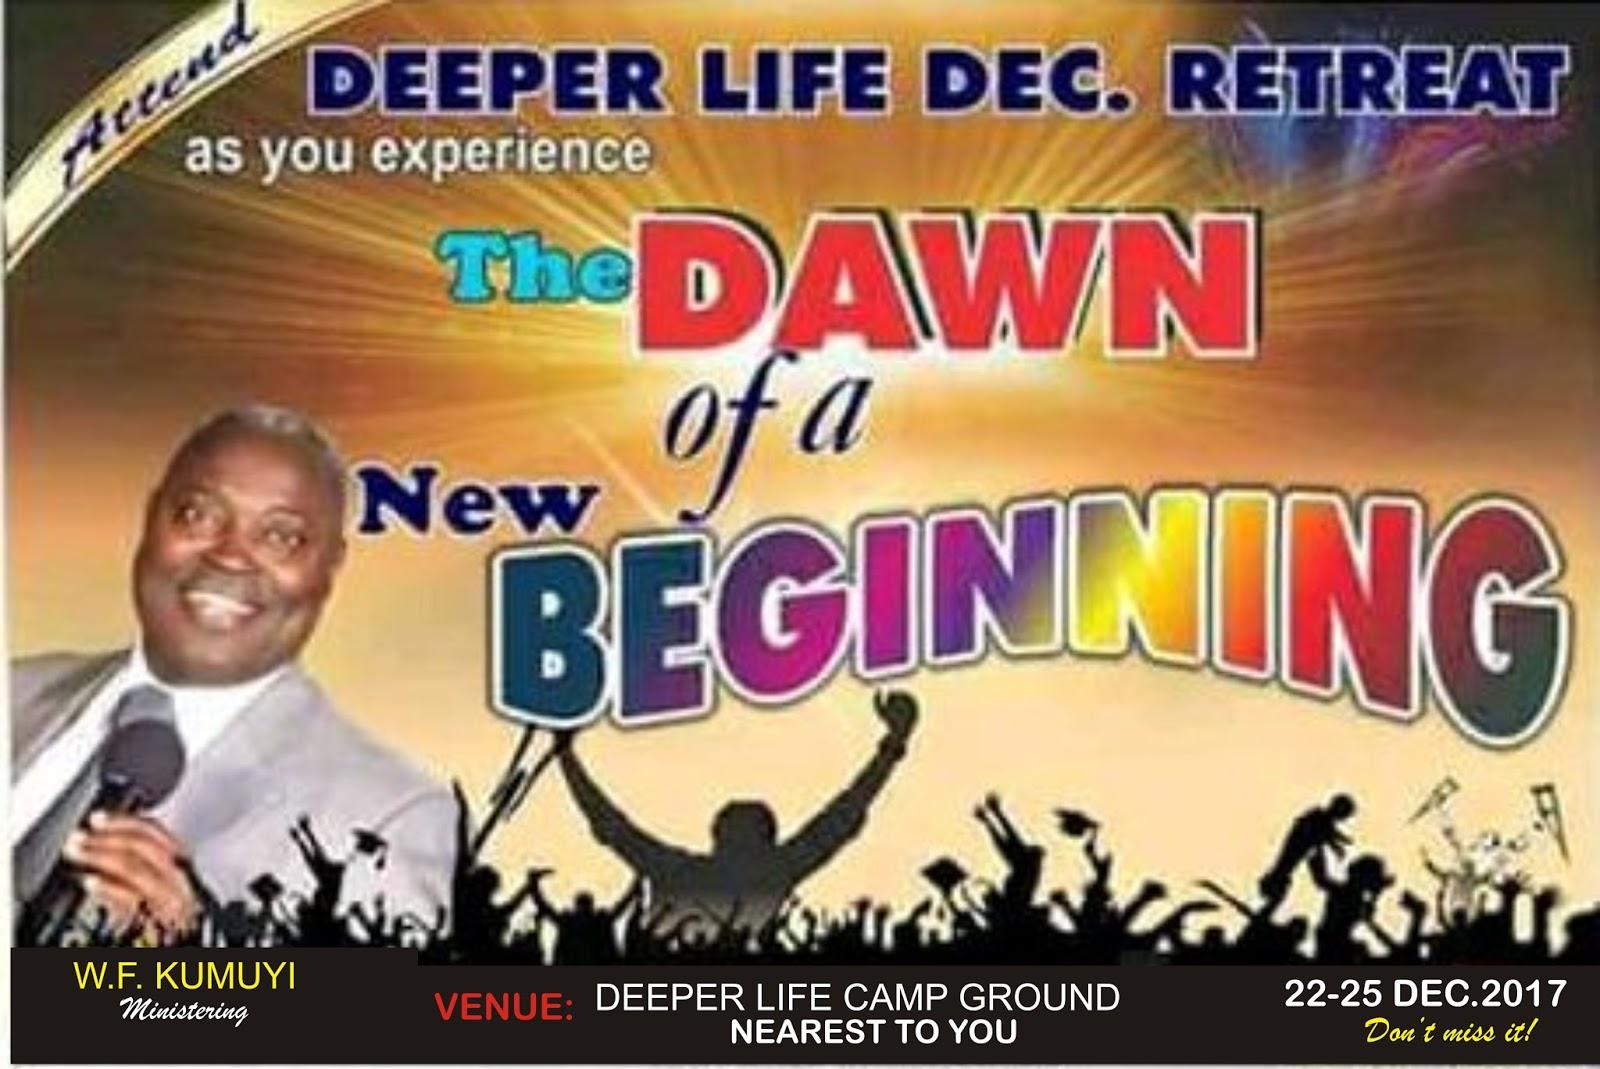 2017 Deeper Life December Retreat 2017 The Dawn Of A New Beginning